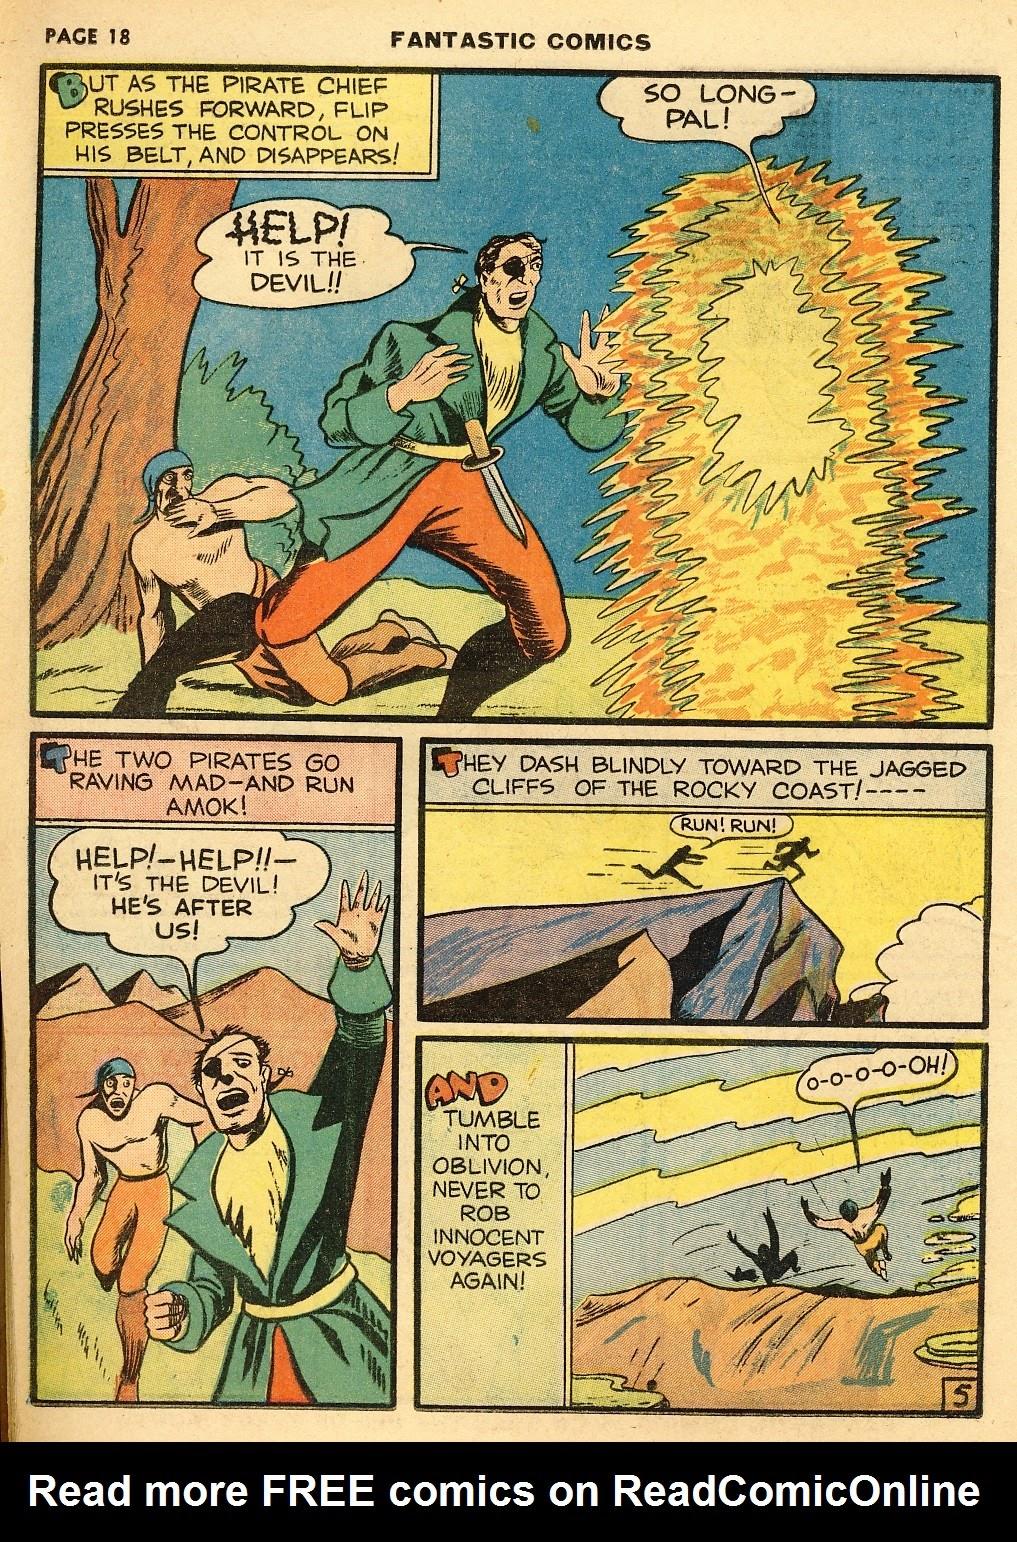 Read online Fantastic Comics comic -  Issue #10 - 19